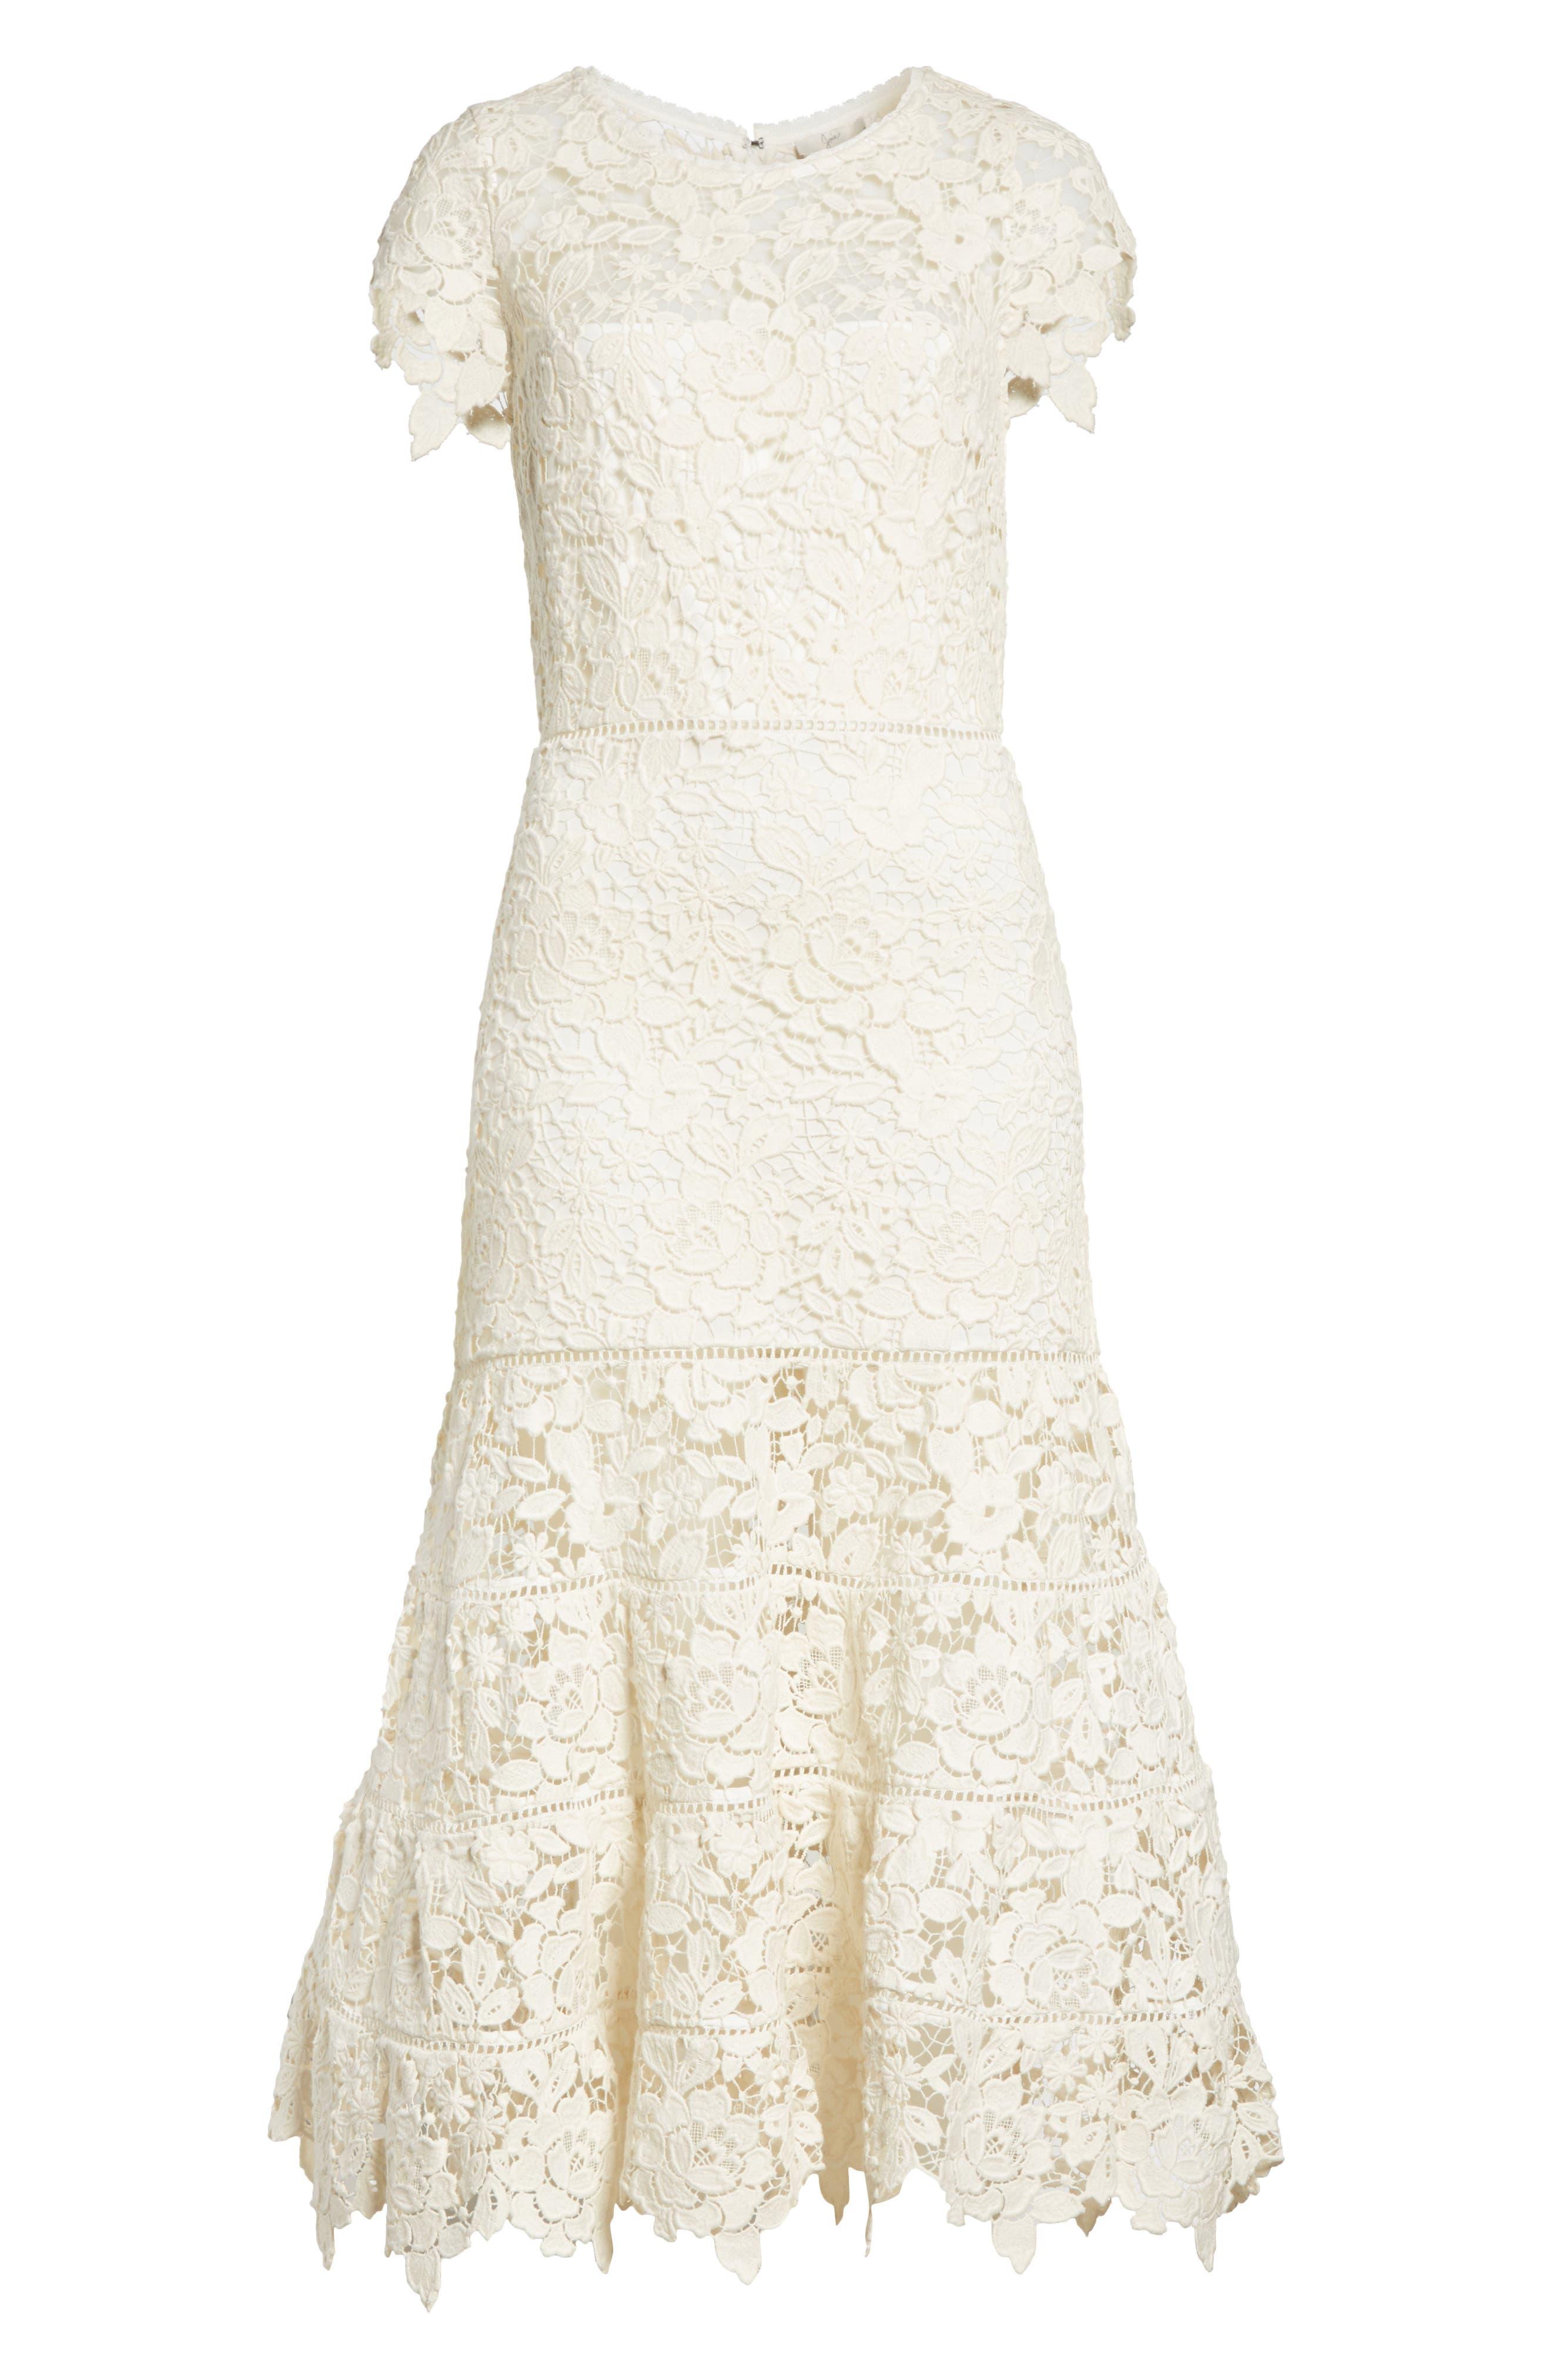 Celedonia Scallop Lace Dress,                             Alternate thumbnail 6, color,                             PORCELAIN